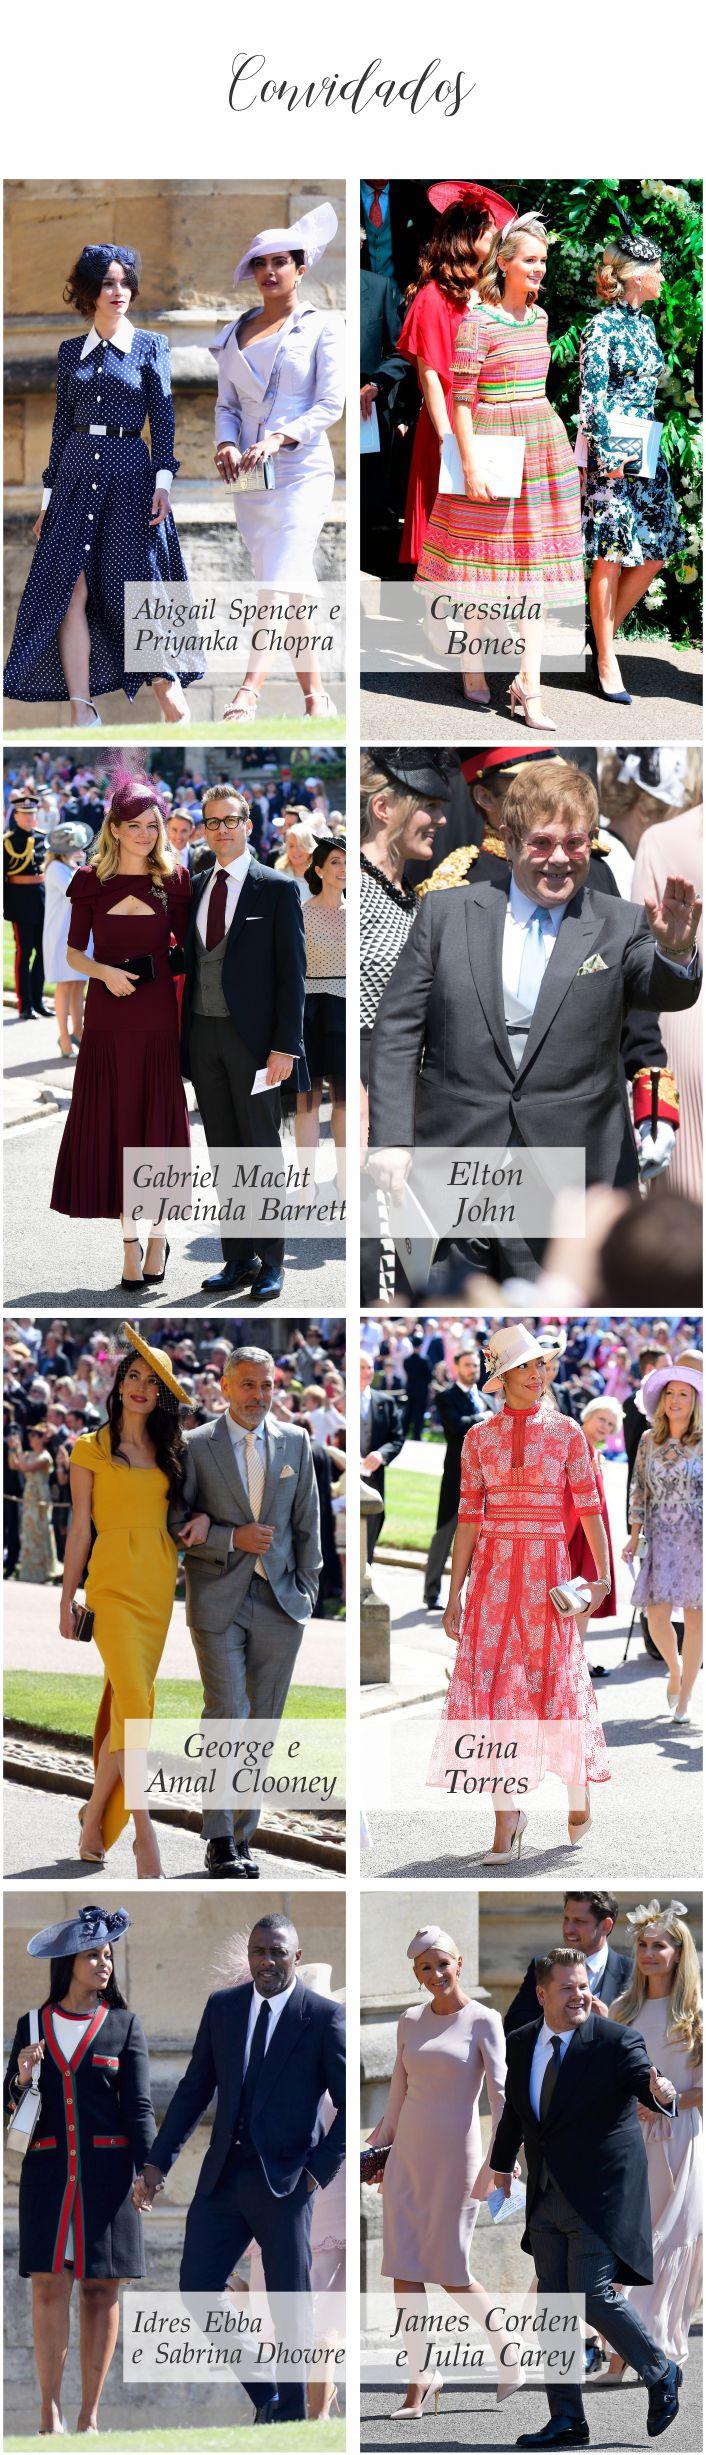 Casamento Real - Príncipe Harry e Meghan Markle - Convidados